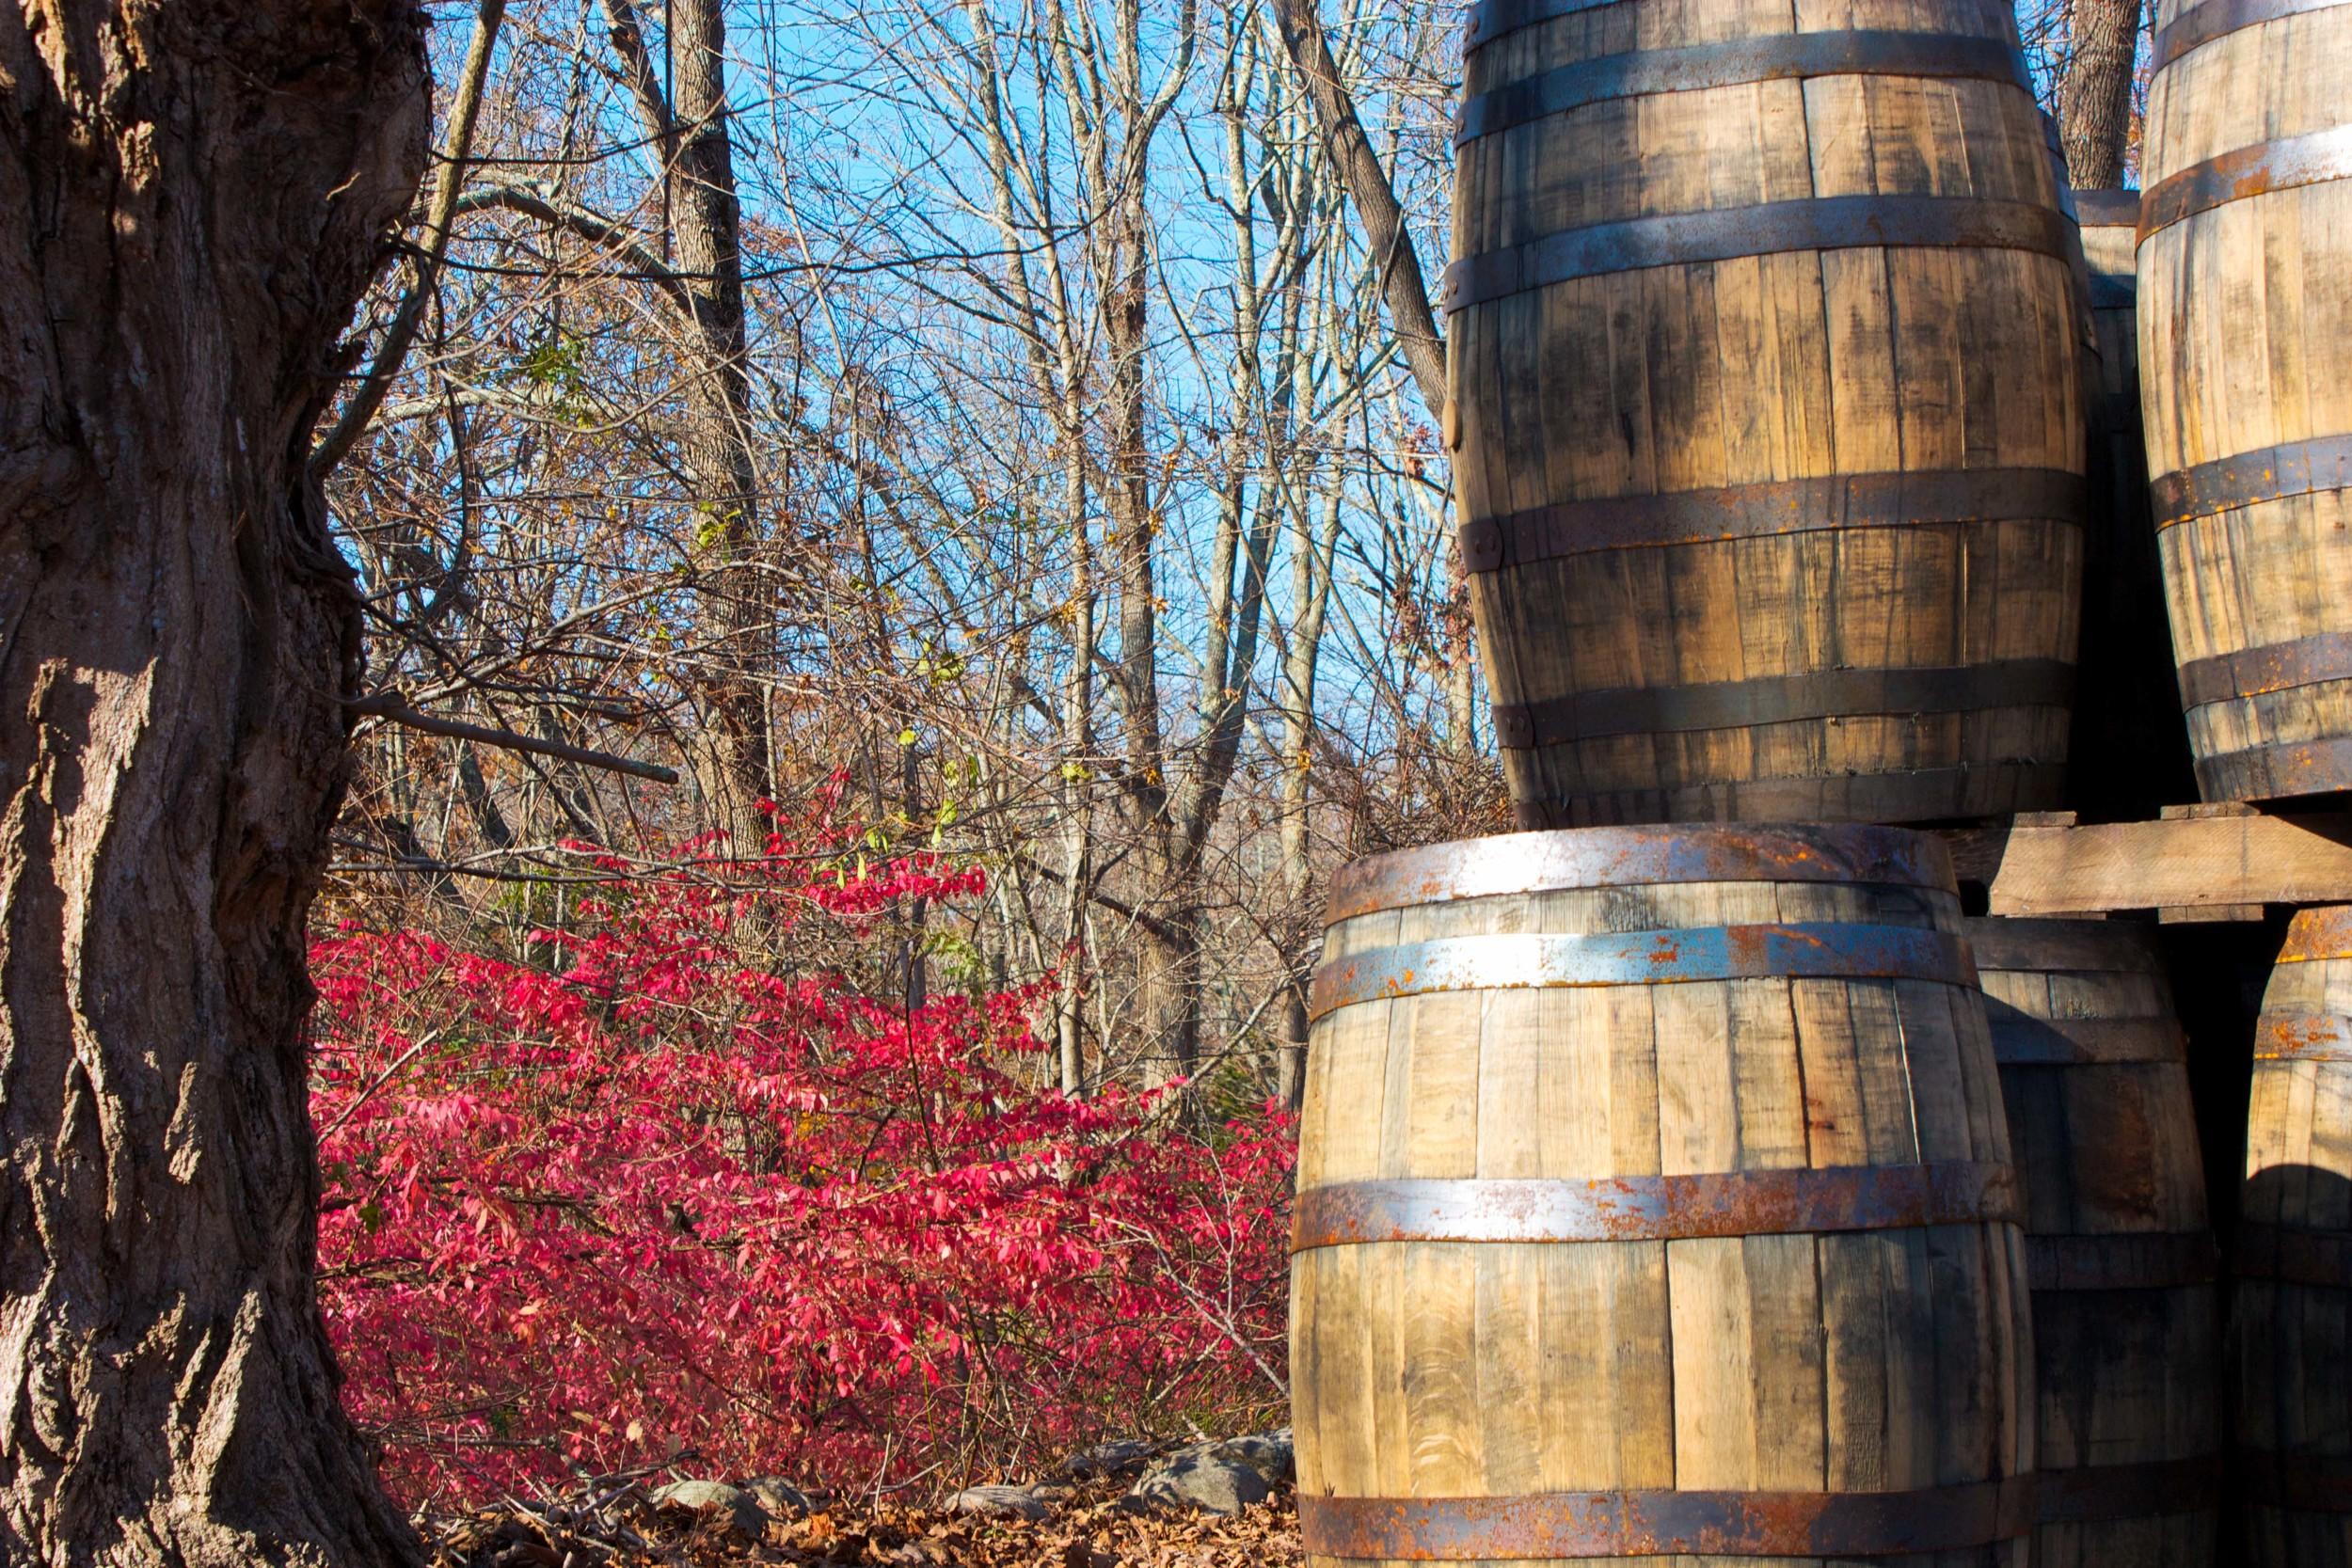 alue sunglasses cider barrels